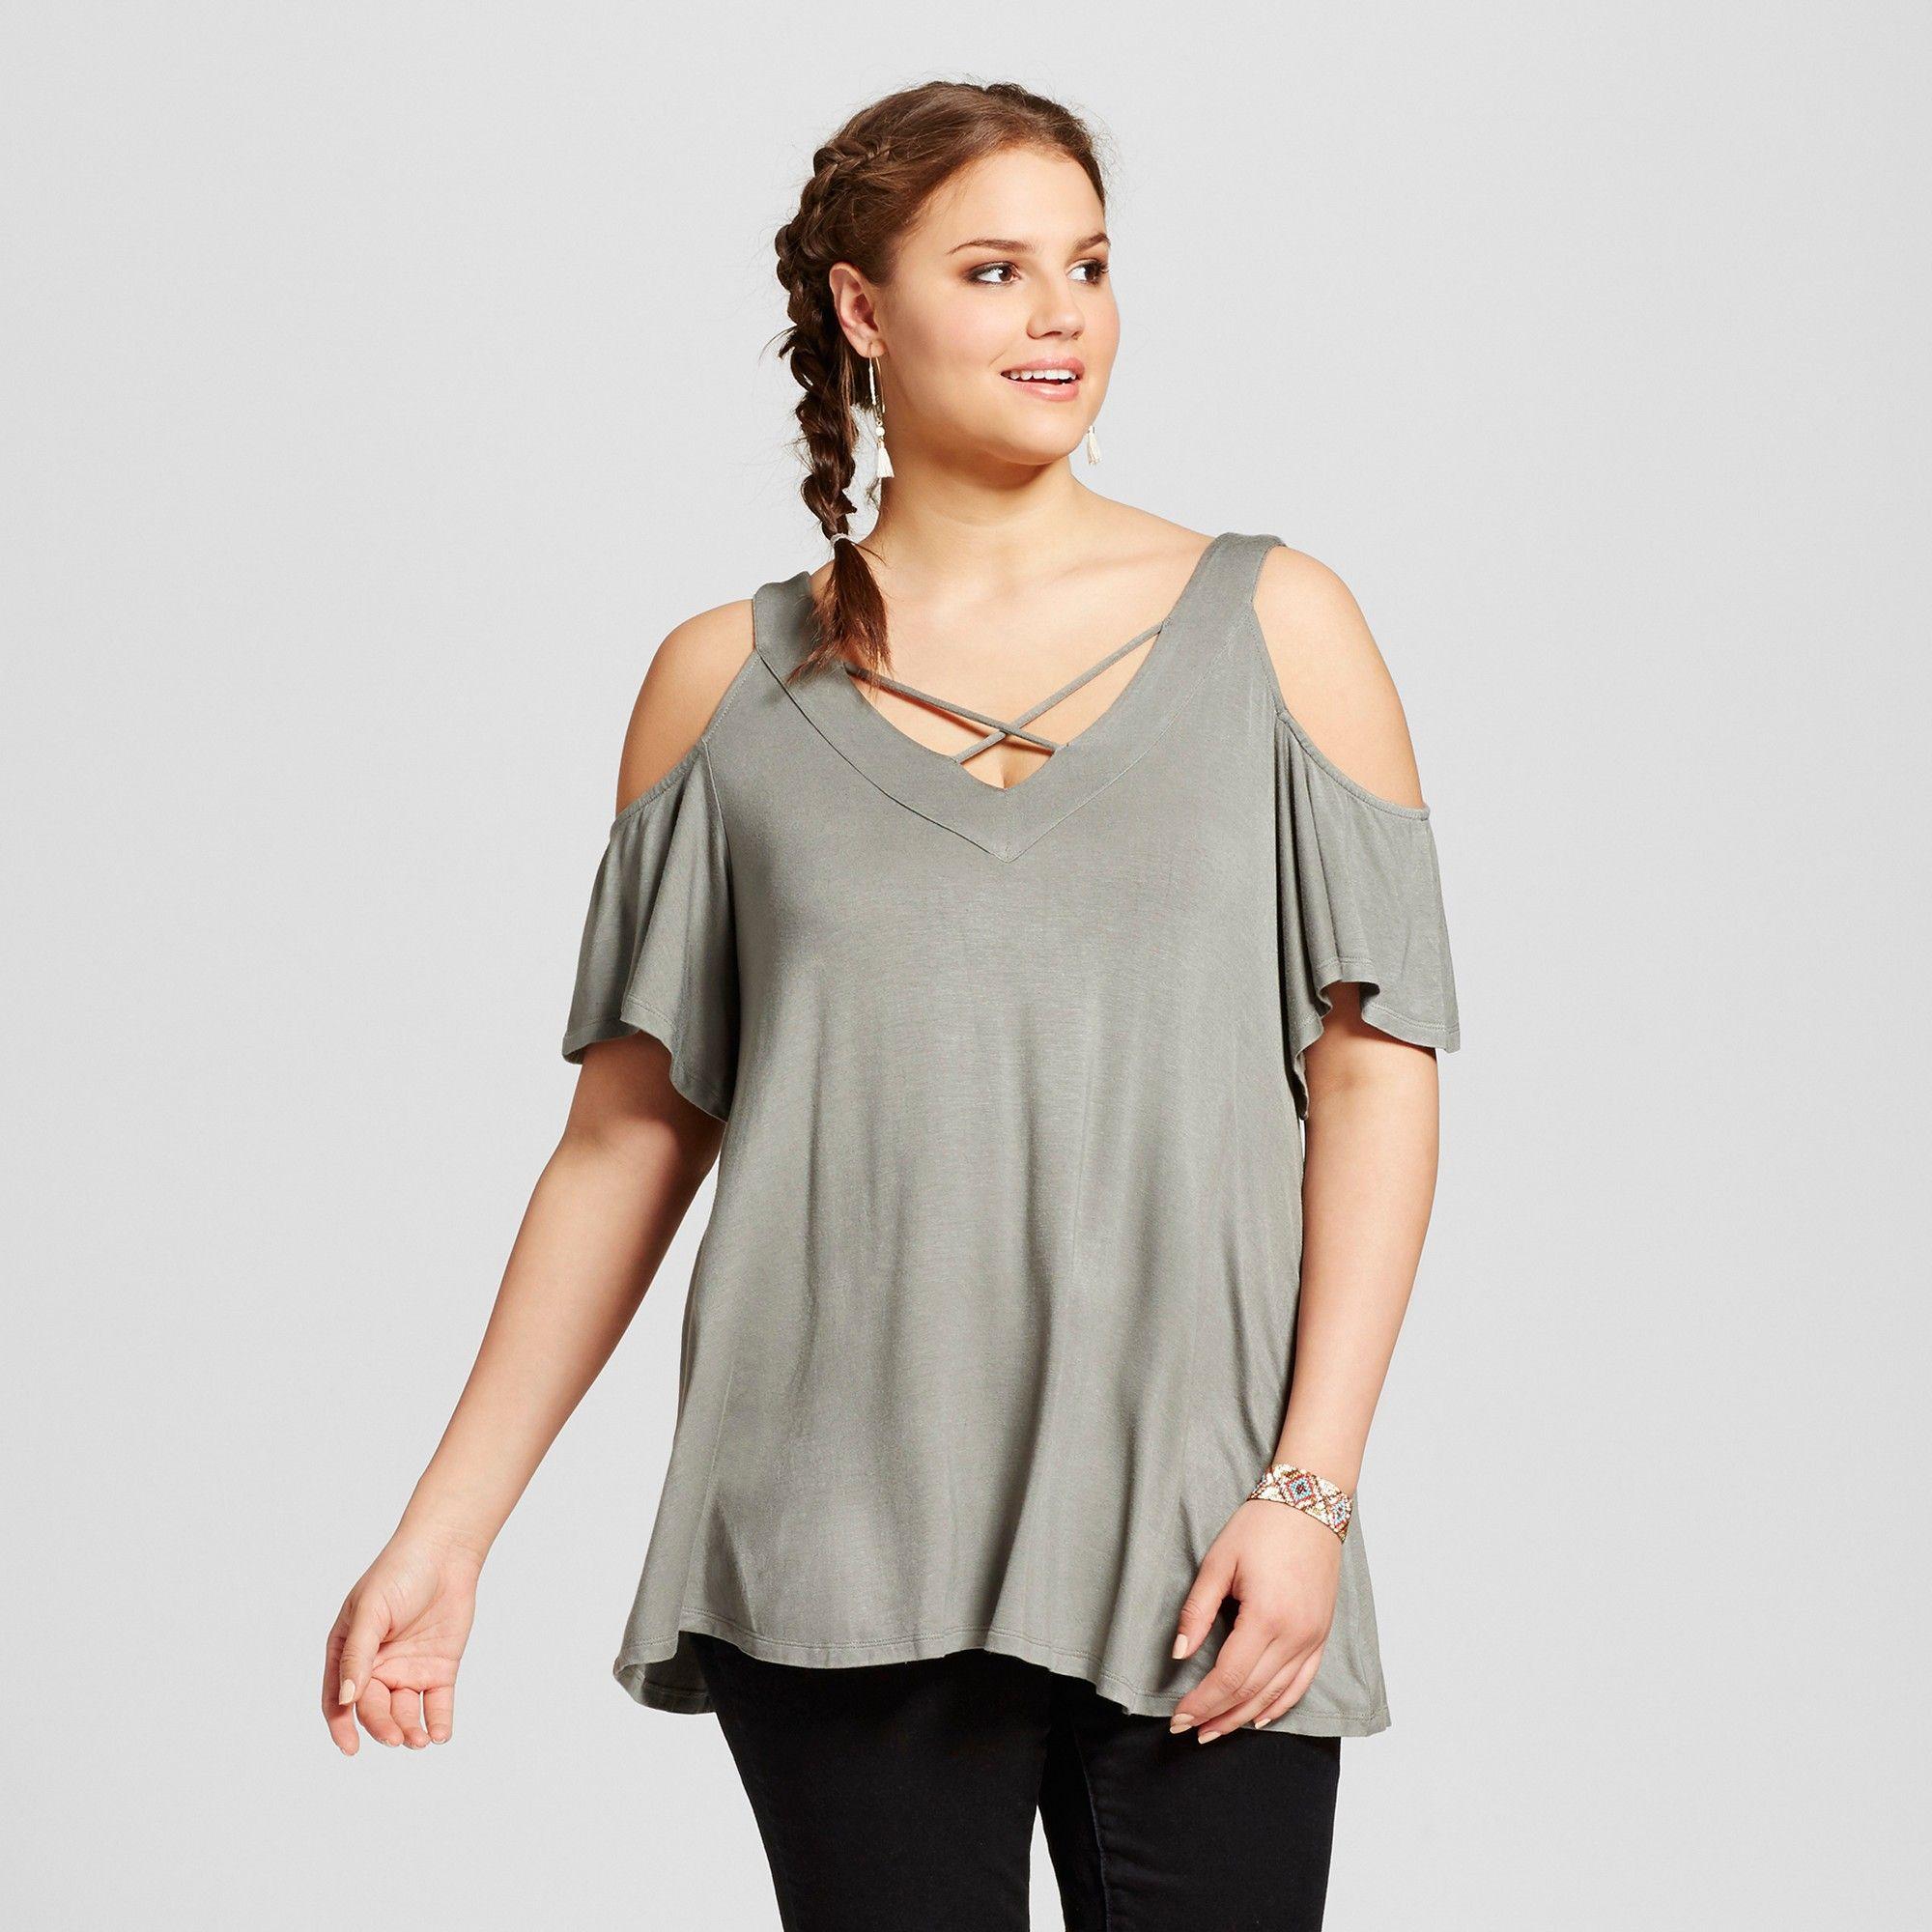 Womenus plus size vneck cold shoulder top olive x almost famous